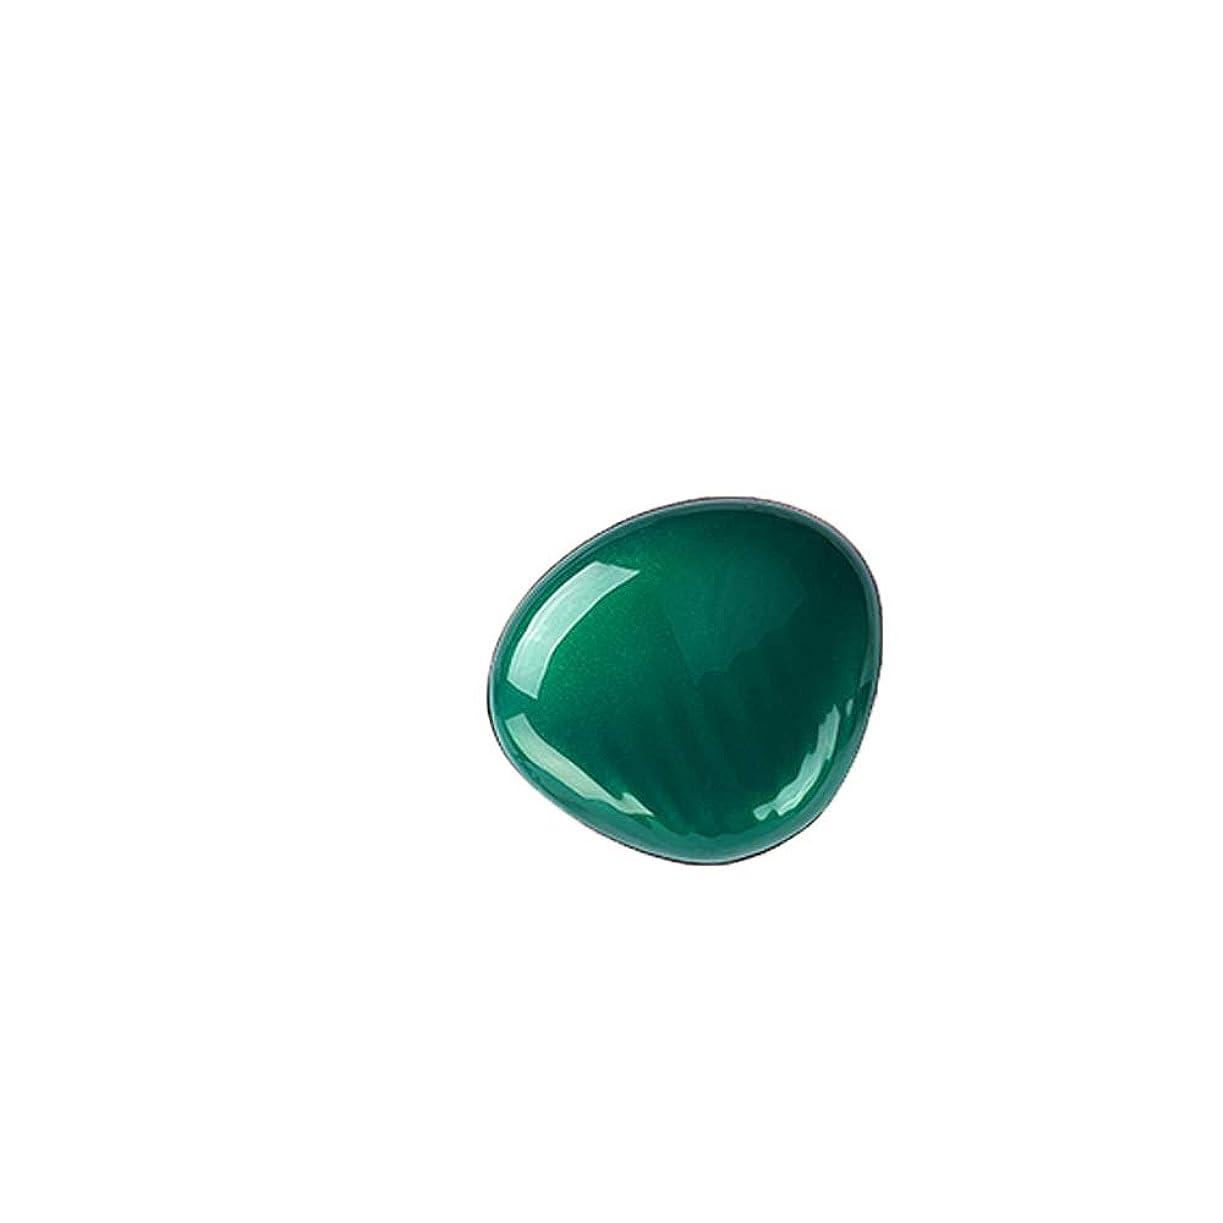 堀鉄道クリアハンドバッグポケットトラベルビューティーニーズに最適な照明付きコンパクトメイクアップミラー折りたたみ ミニミラー - ポータブルで丈夫な小型化粧鏡、折りたたみ式両面小型ミラー (Color : Green)